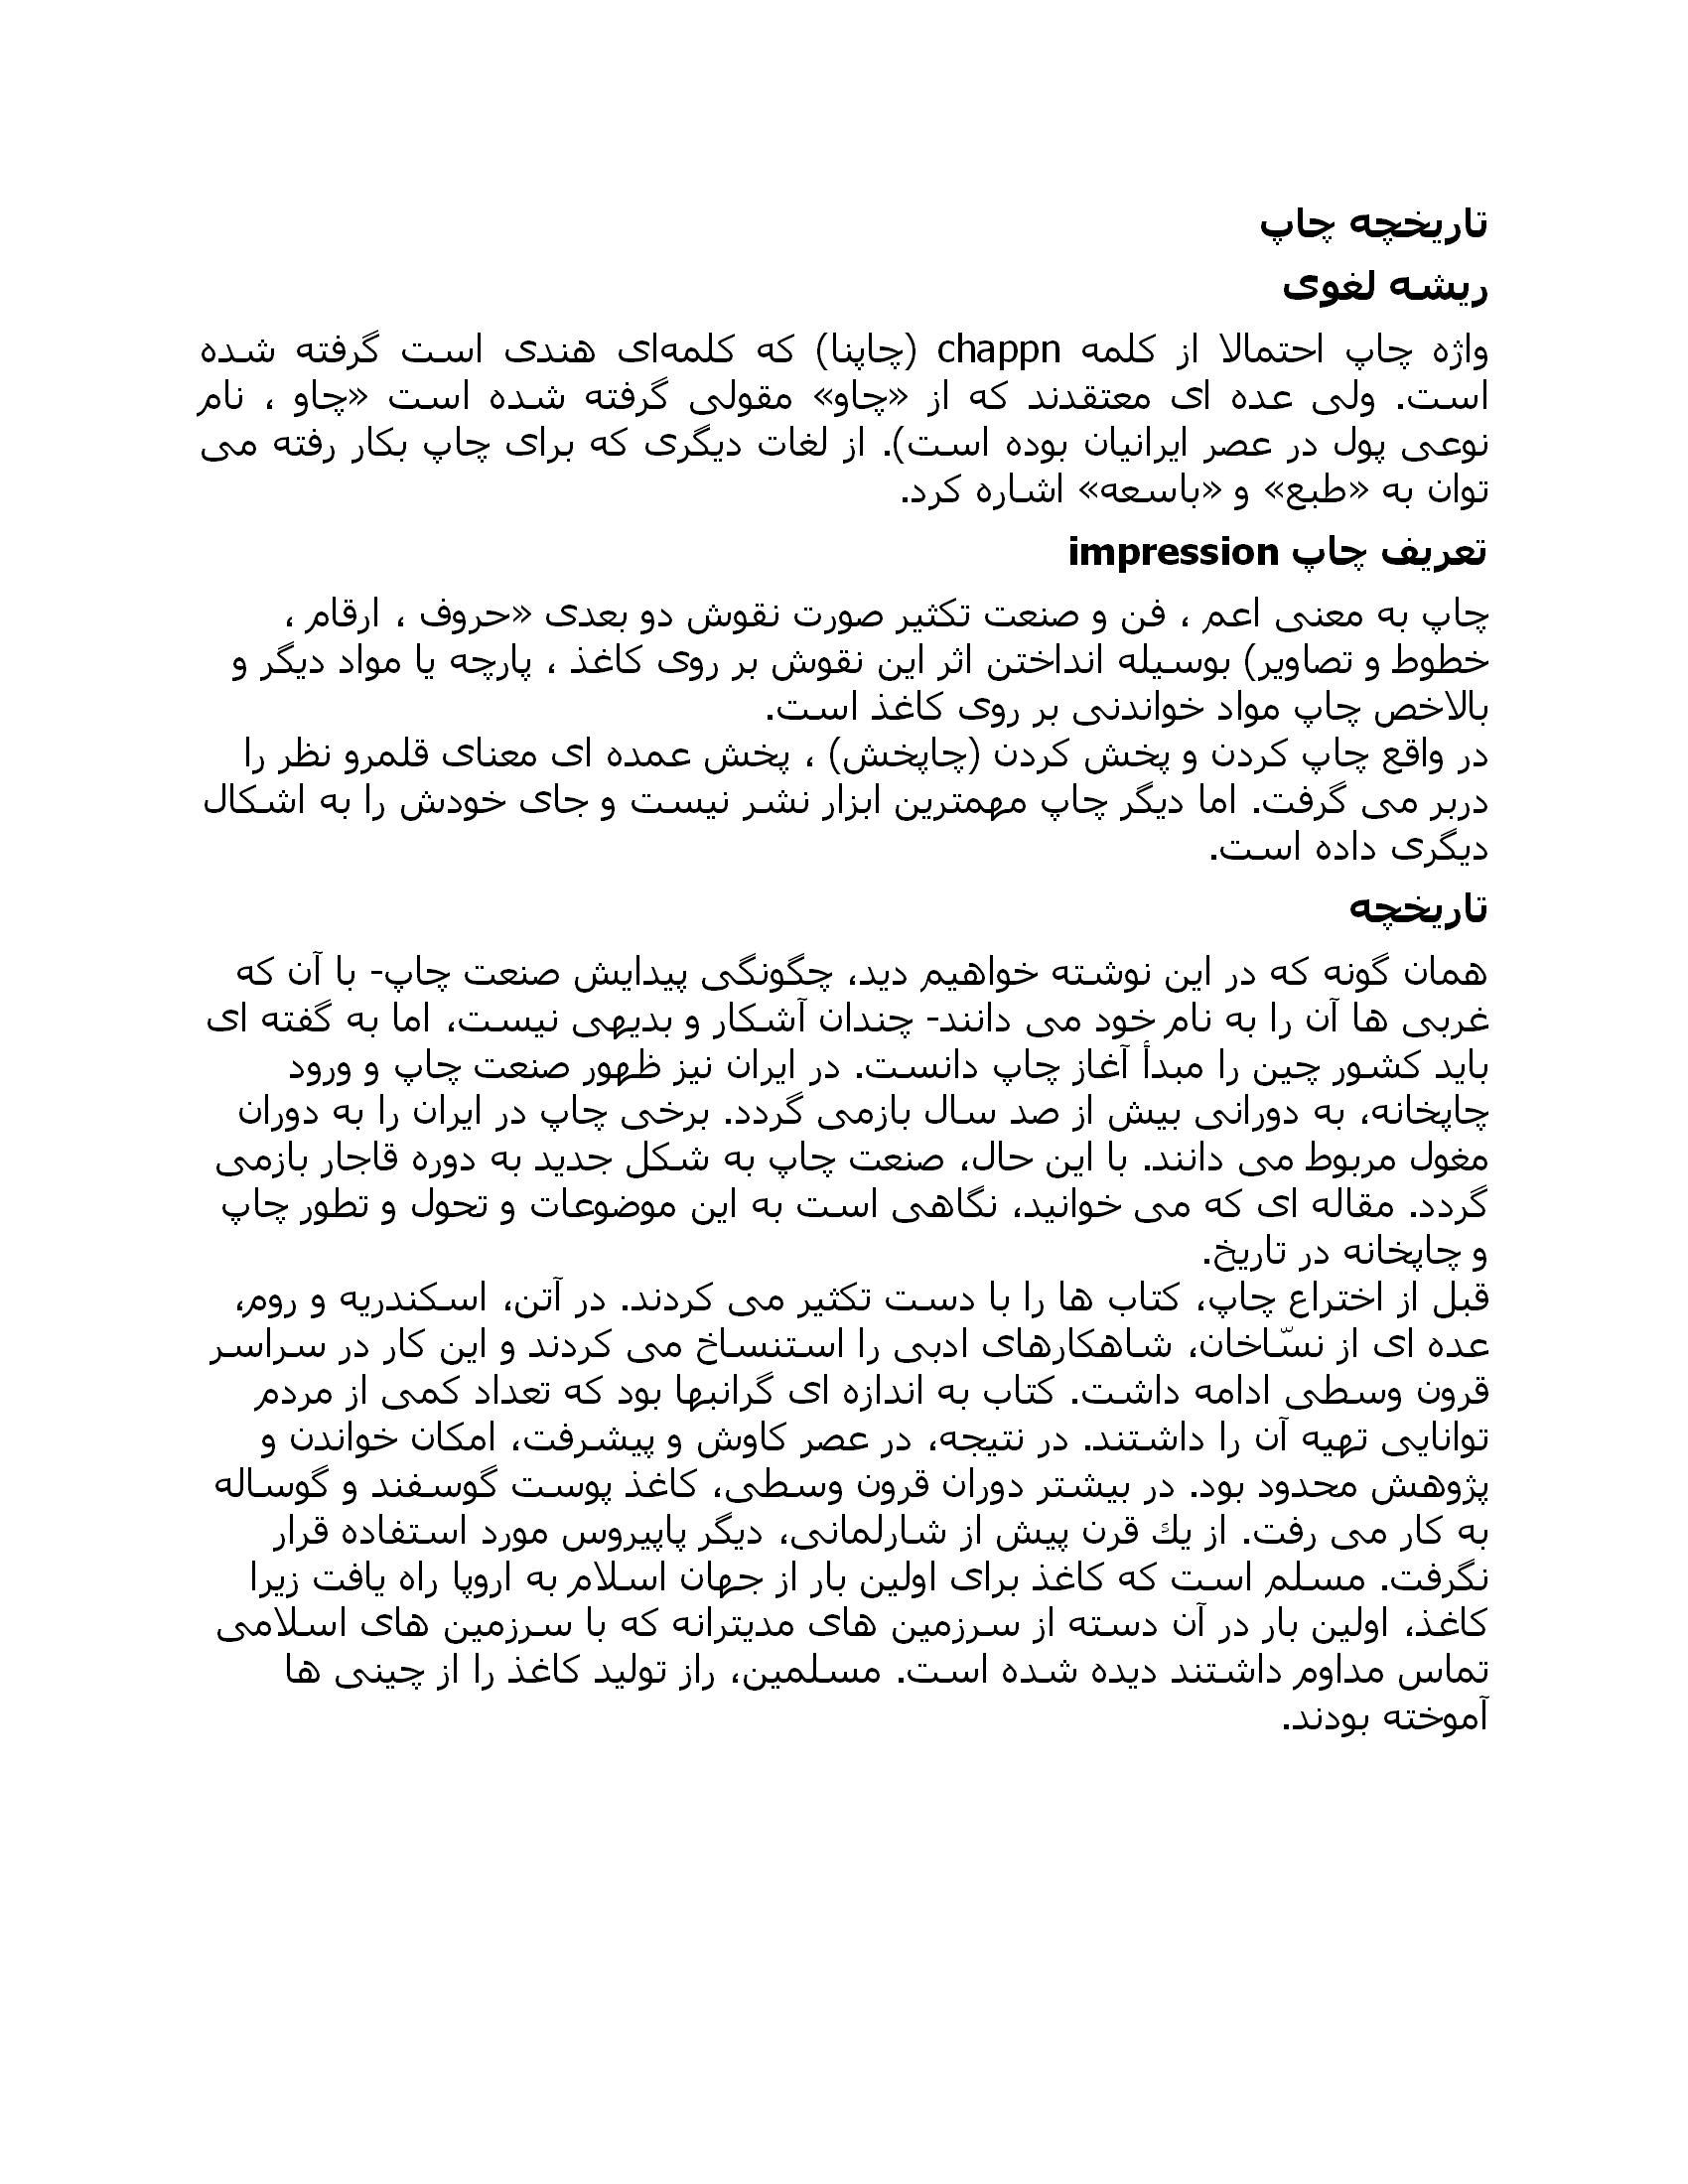 ترجمه مقاله و تحقیق - تاریخچه چاپ 4